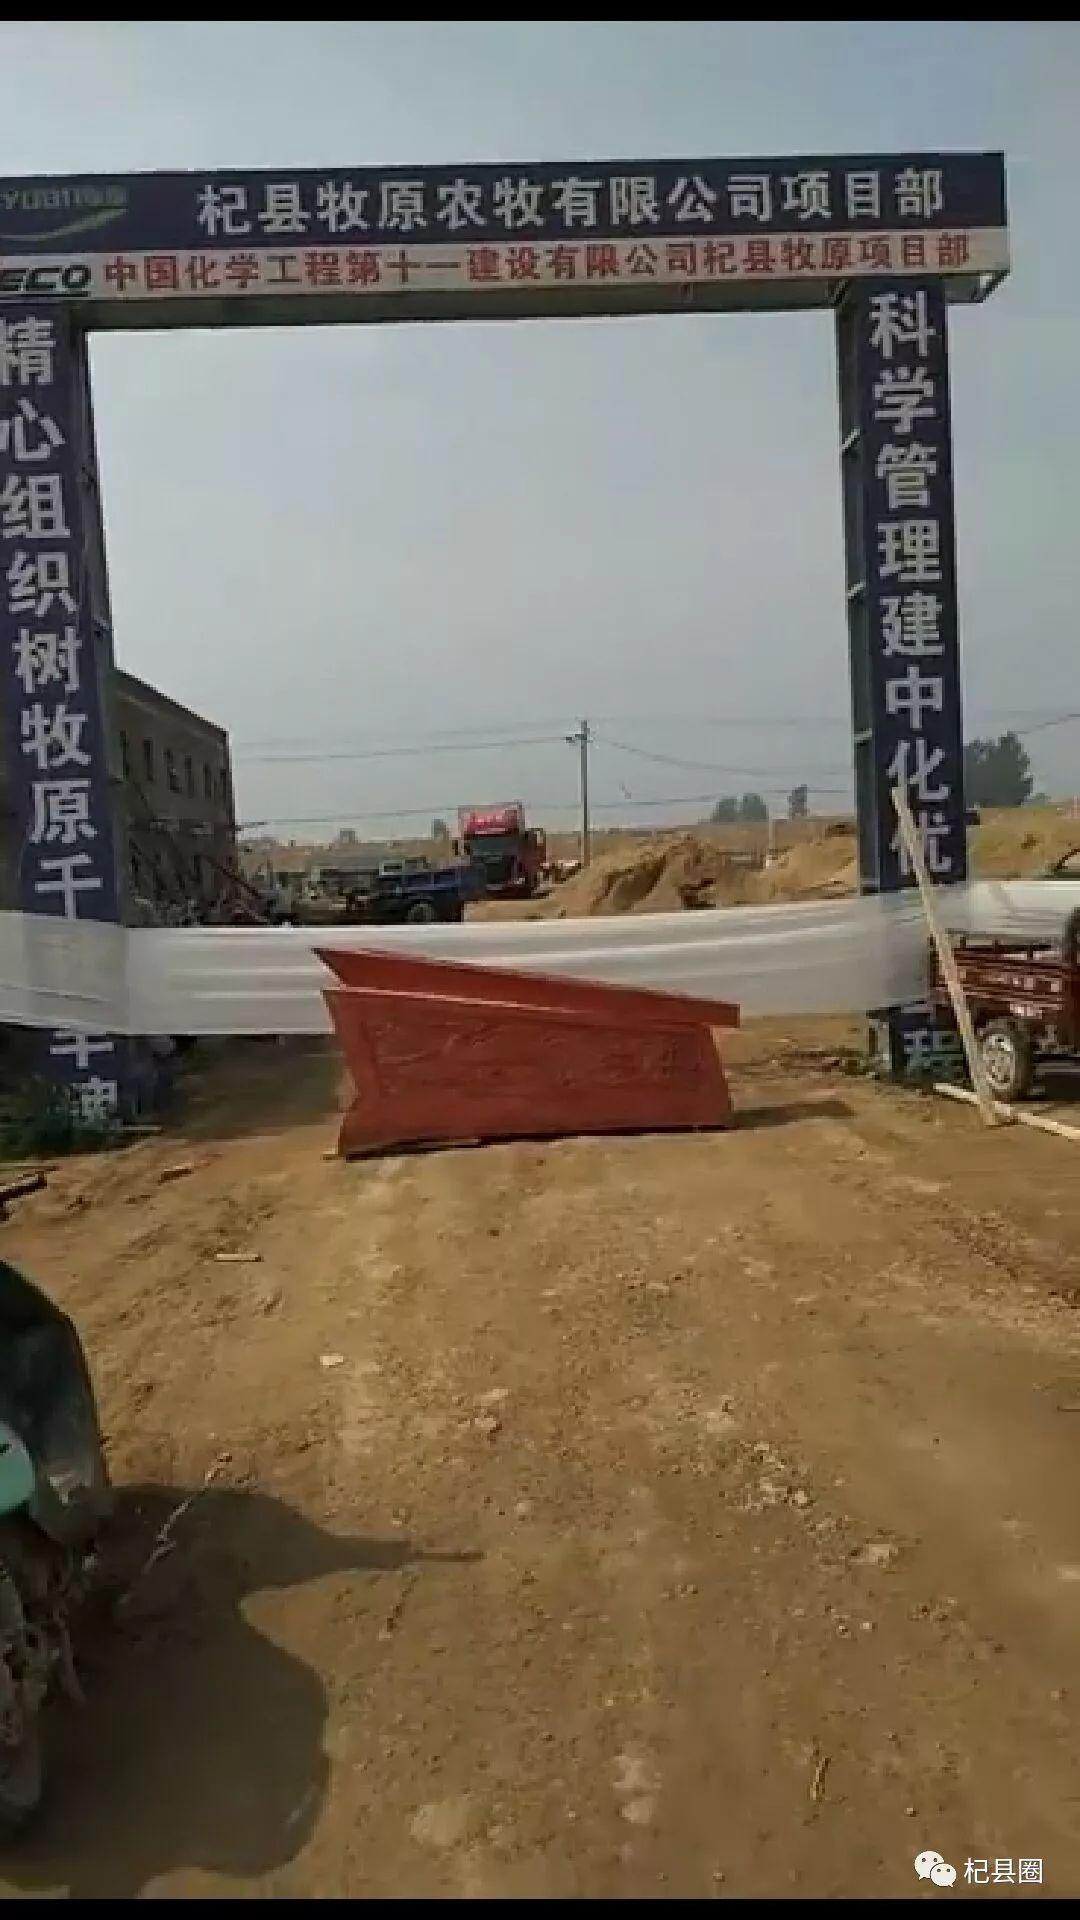 杞县圈 图片